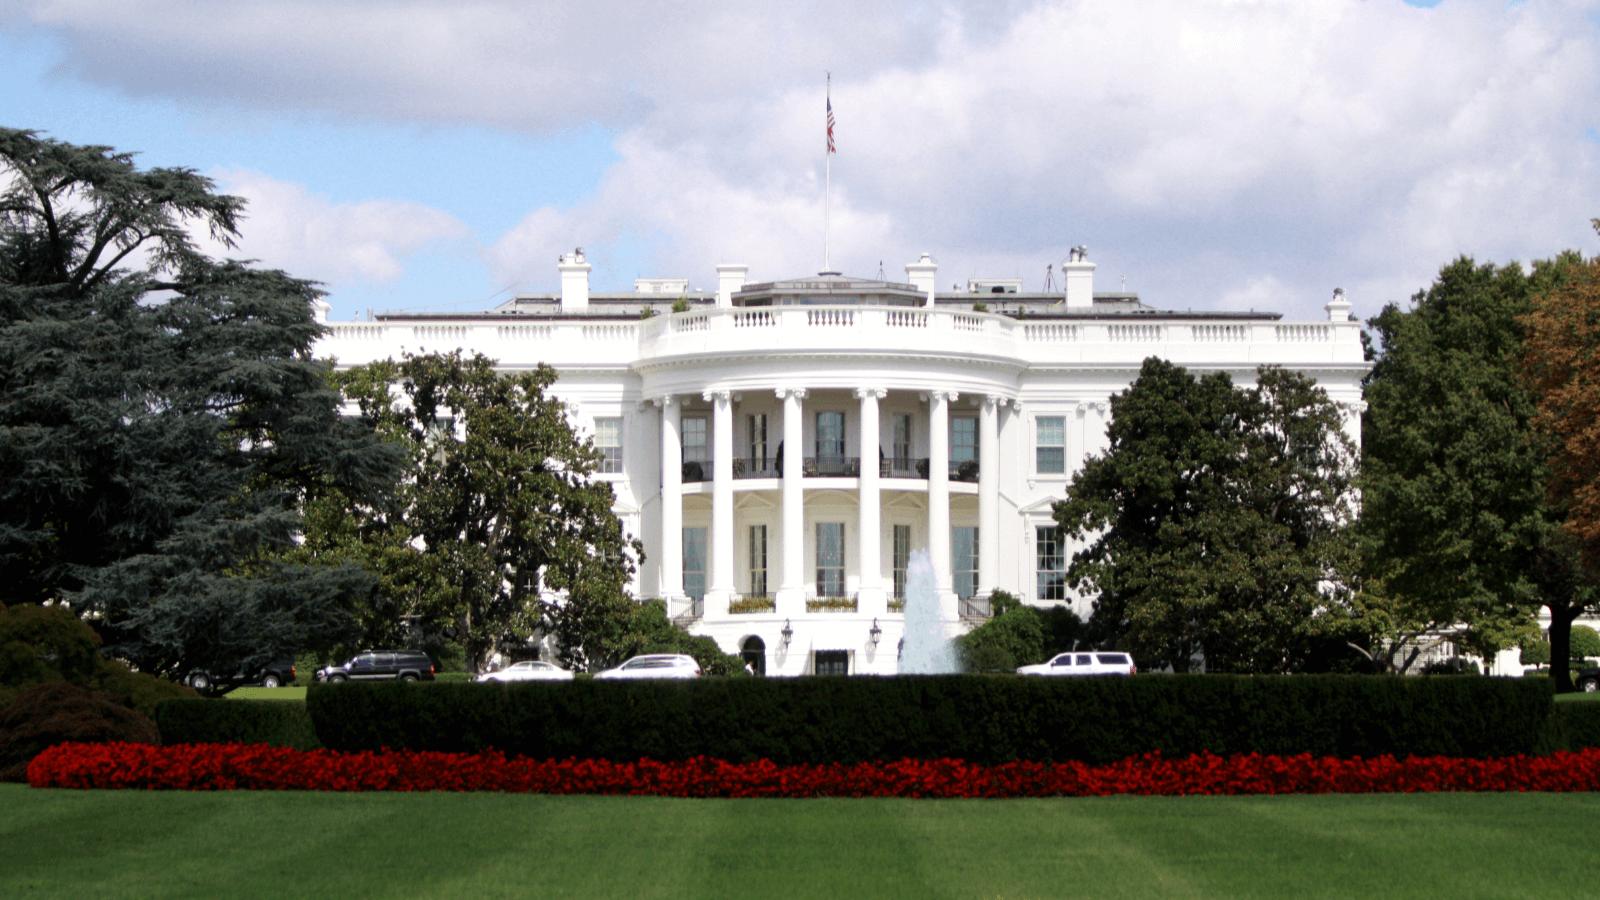 Das Weiße Haus in Washington, D.C.